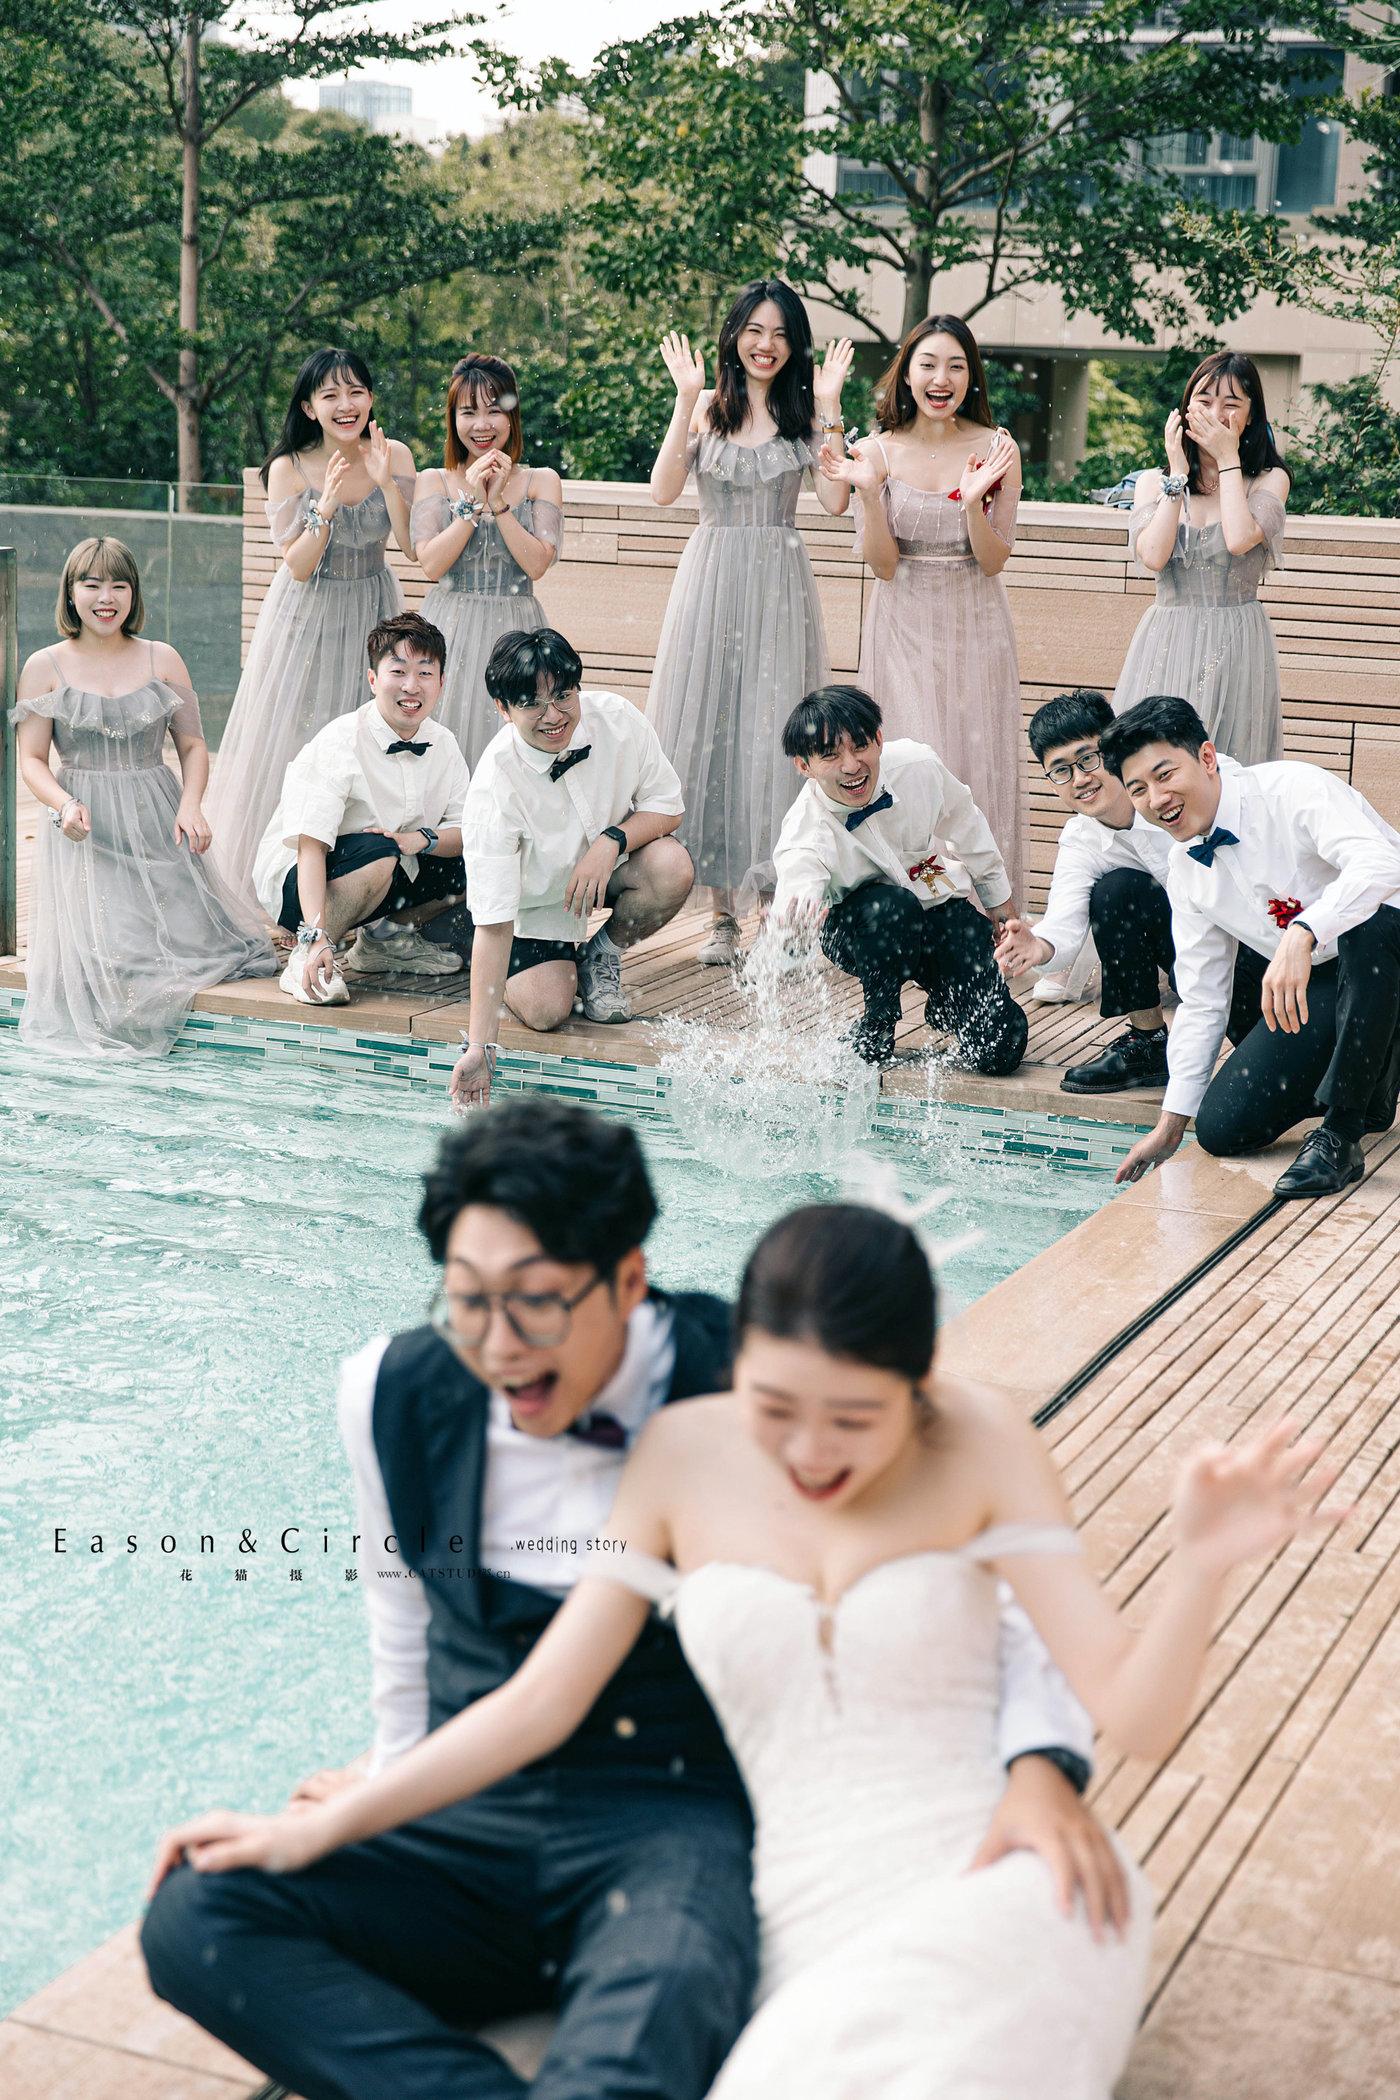 2021-06-05婚礼泳池外景拍摄6